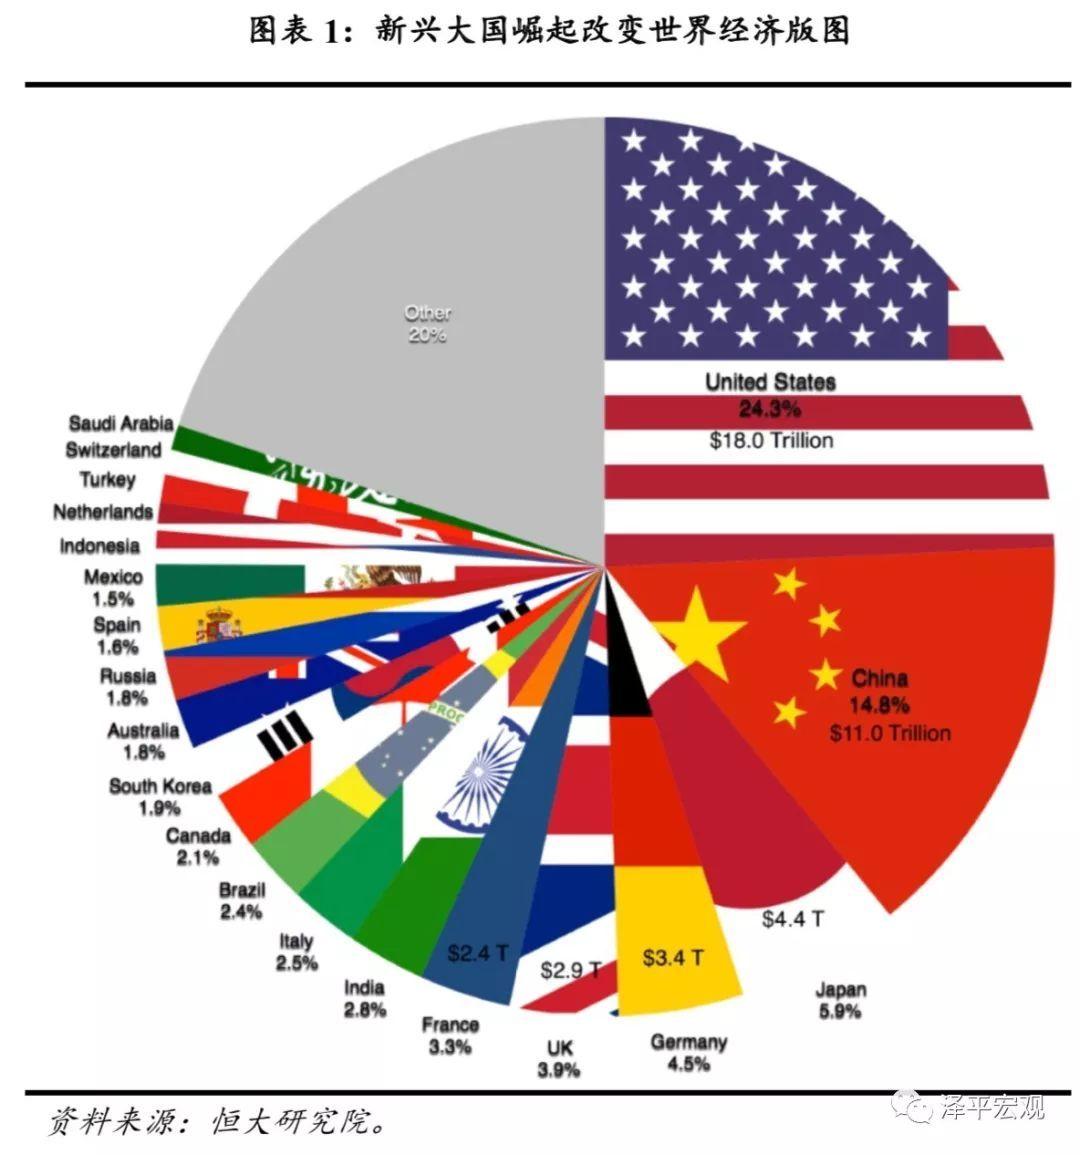 大国兴衰的世纪性规律与中国崛起面临的挑战及未来 ——中美贸易战系列研究